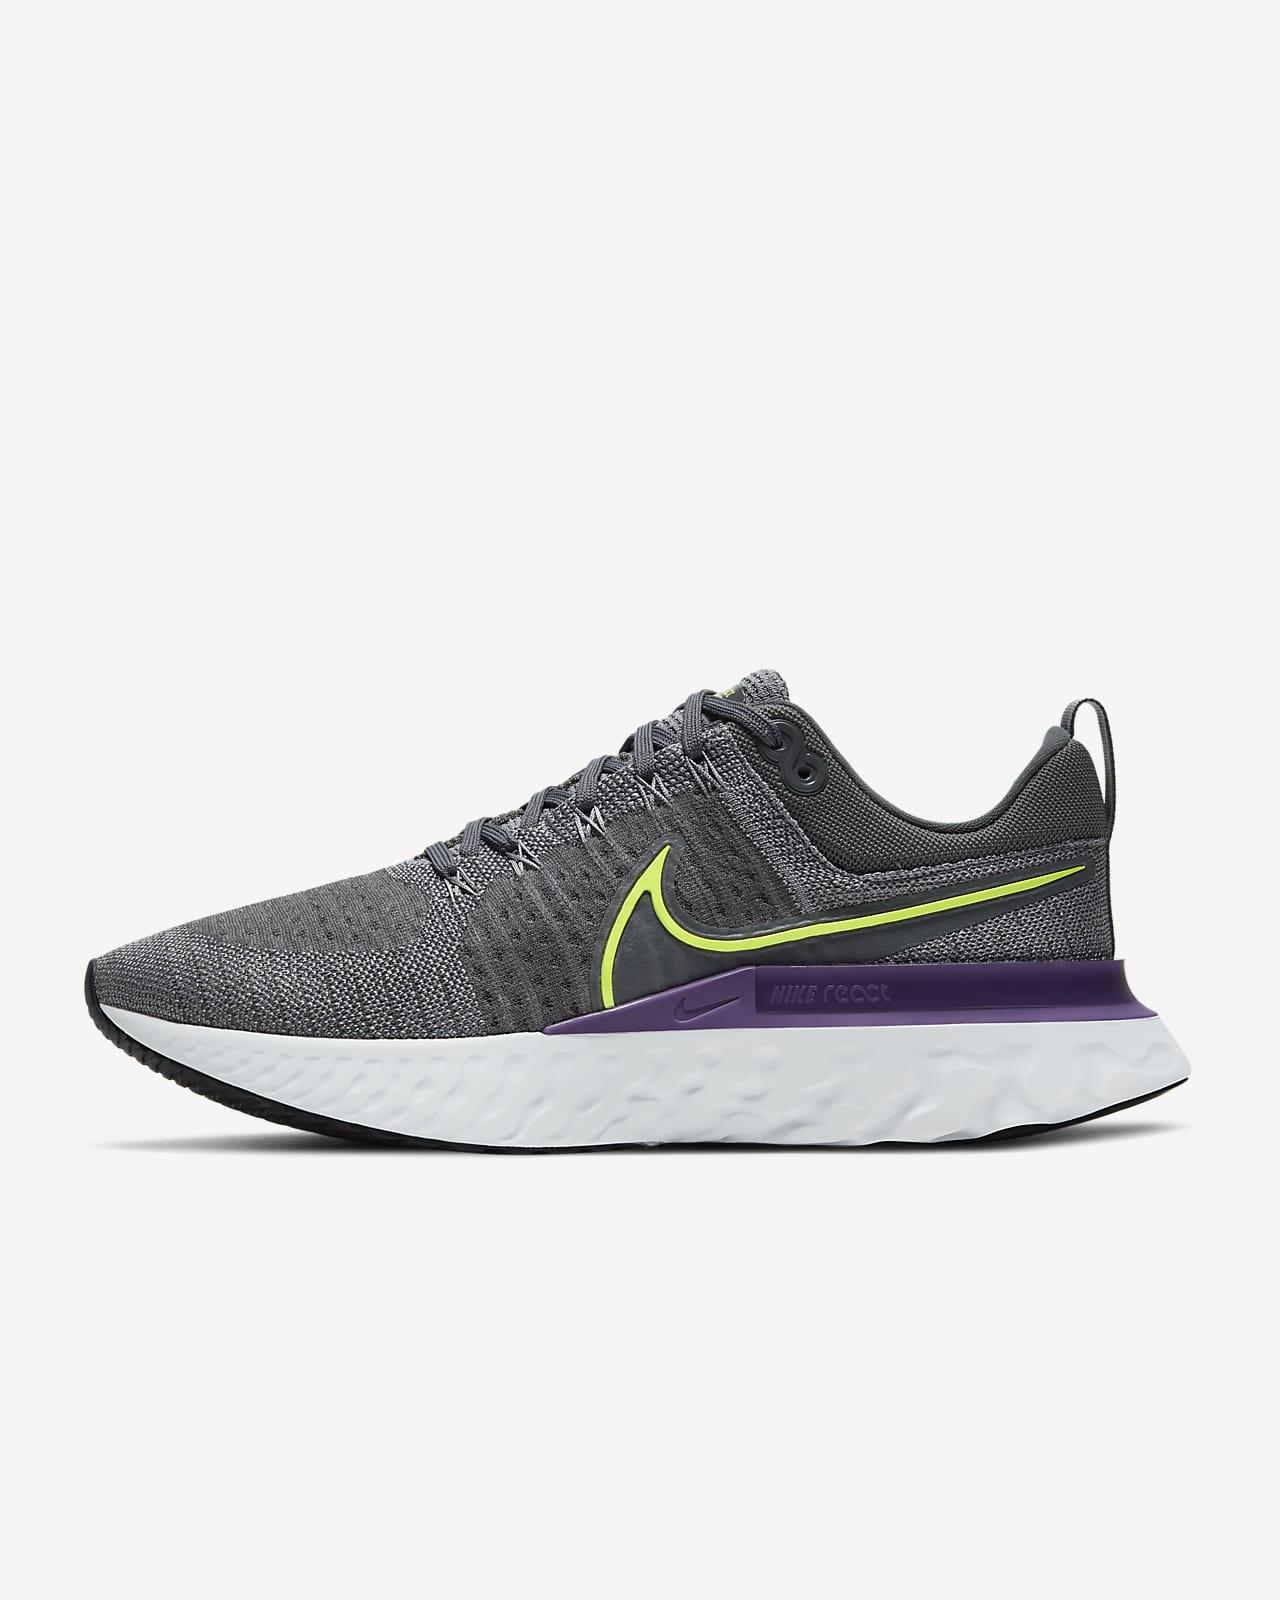 Ανδρικό παπούτσι για τρέξιμο Nike React Infinity Run Flyknit 2